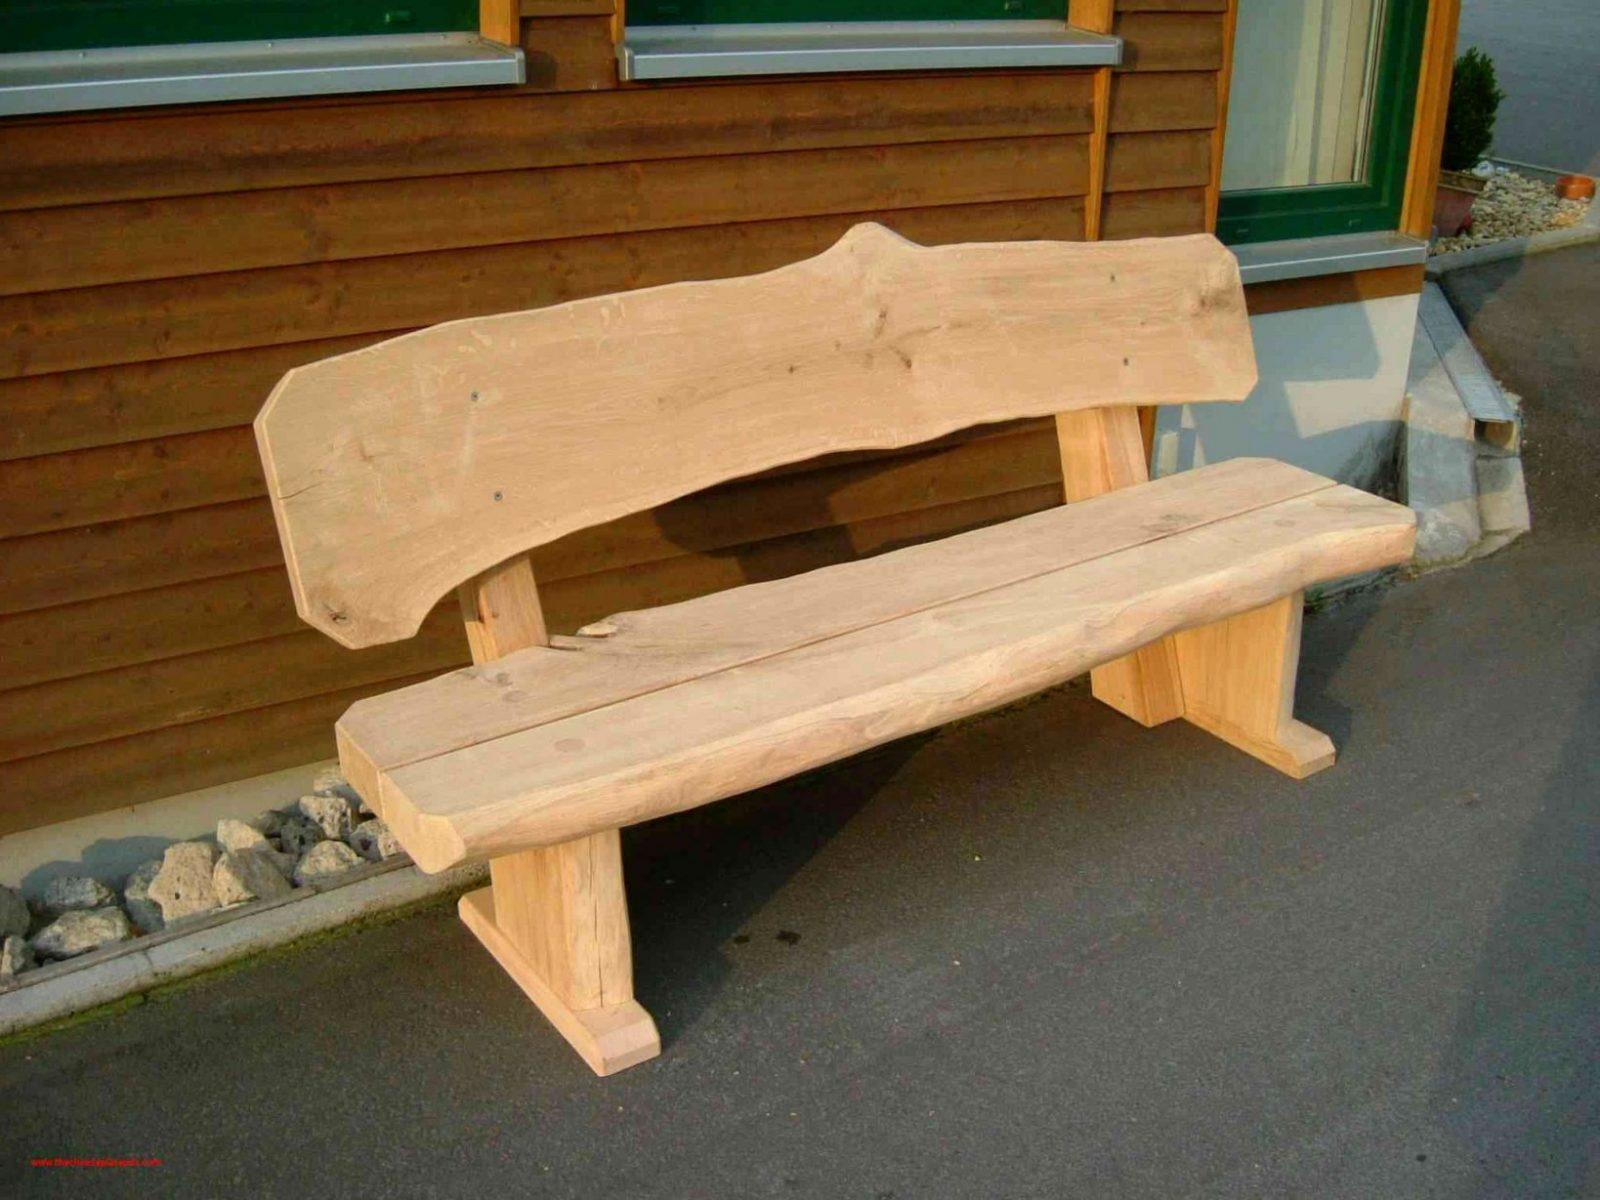 Einfache Holzbank Selber Bauen Genial Gartenbank Holz Selber Bauen von Gartenbank Holz Selber Bauen Bild